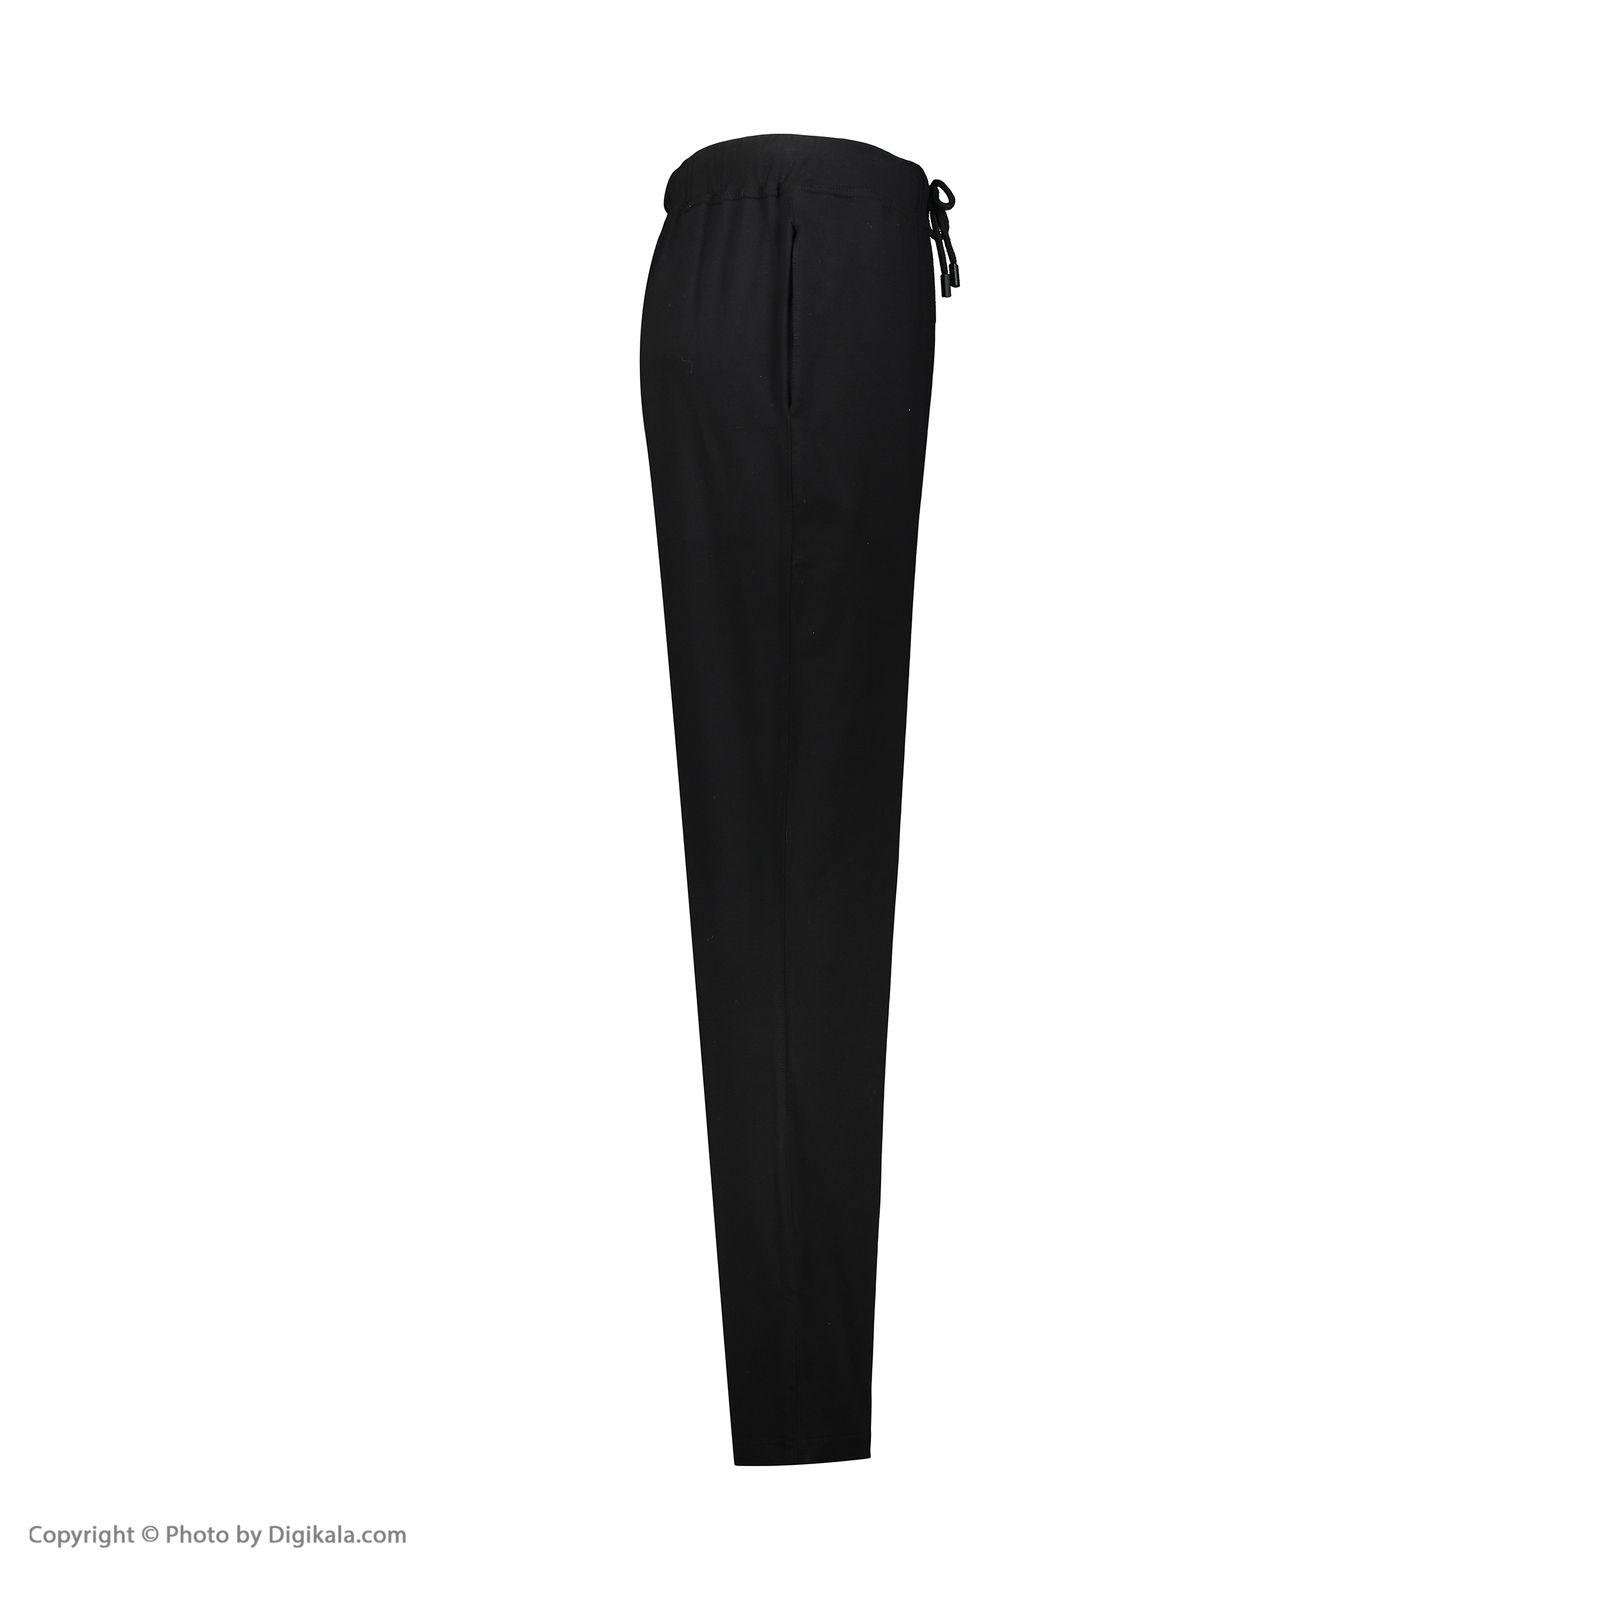 شلوار ورزشی مردانه جامه پوش آرا مدل 4121009168-99 -  - 4